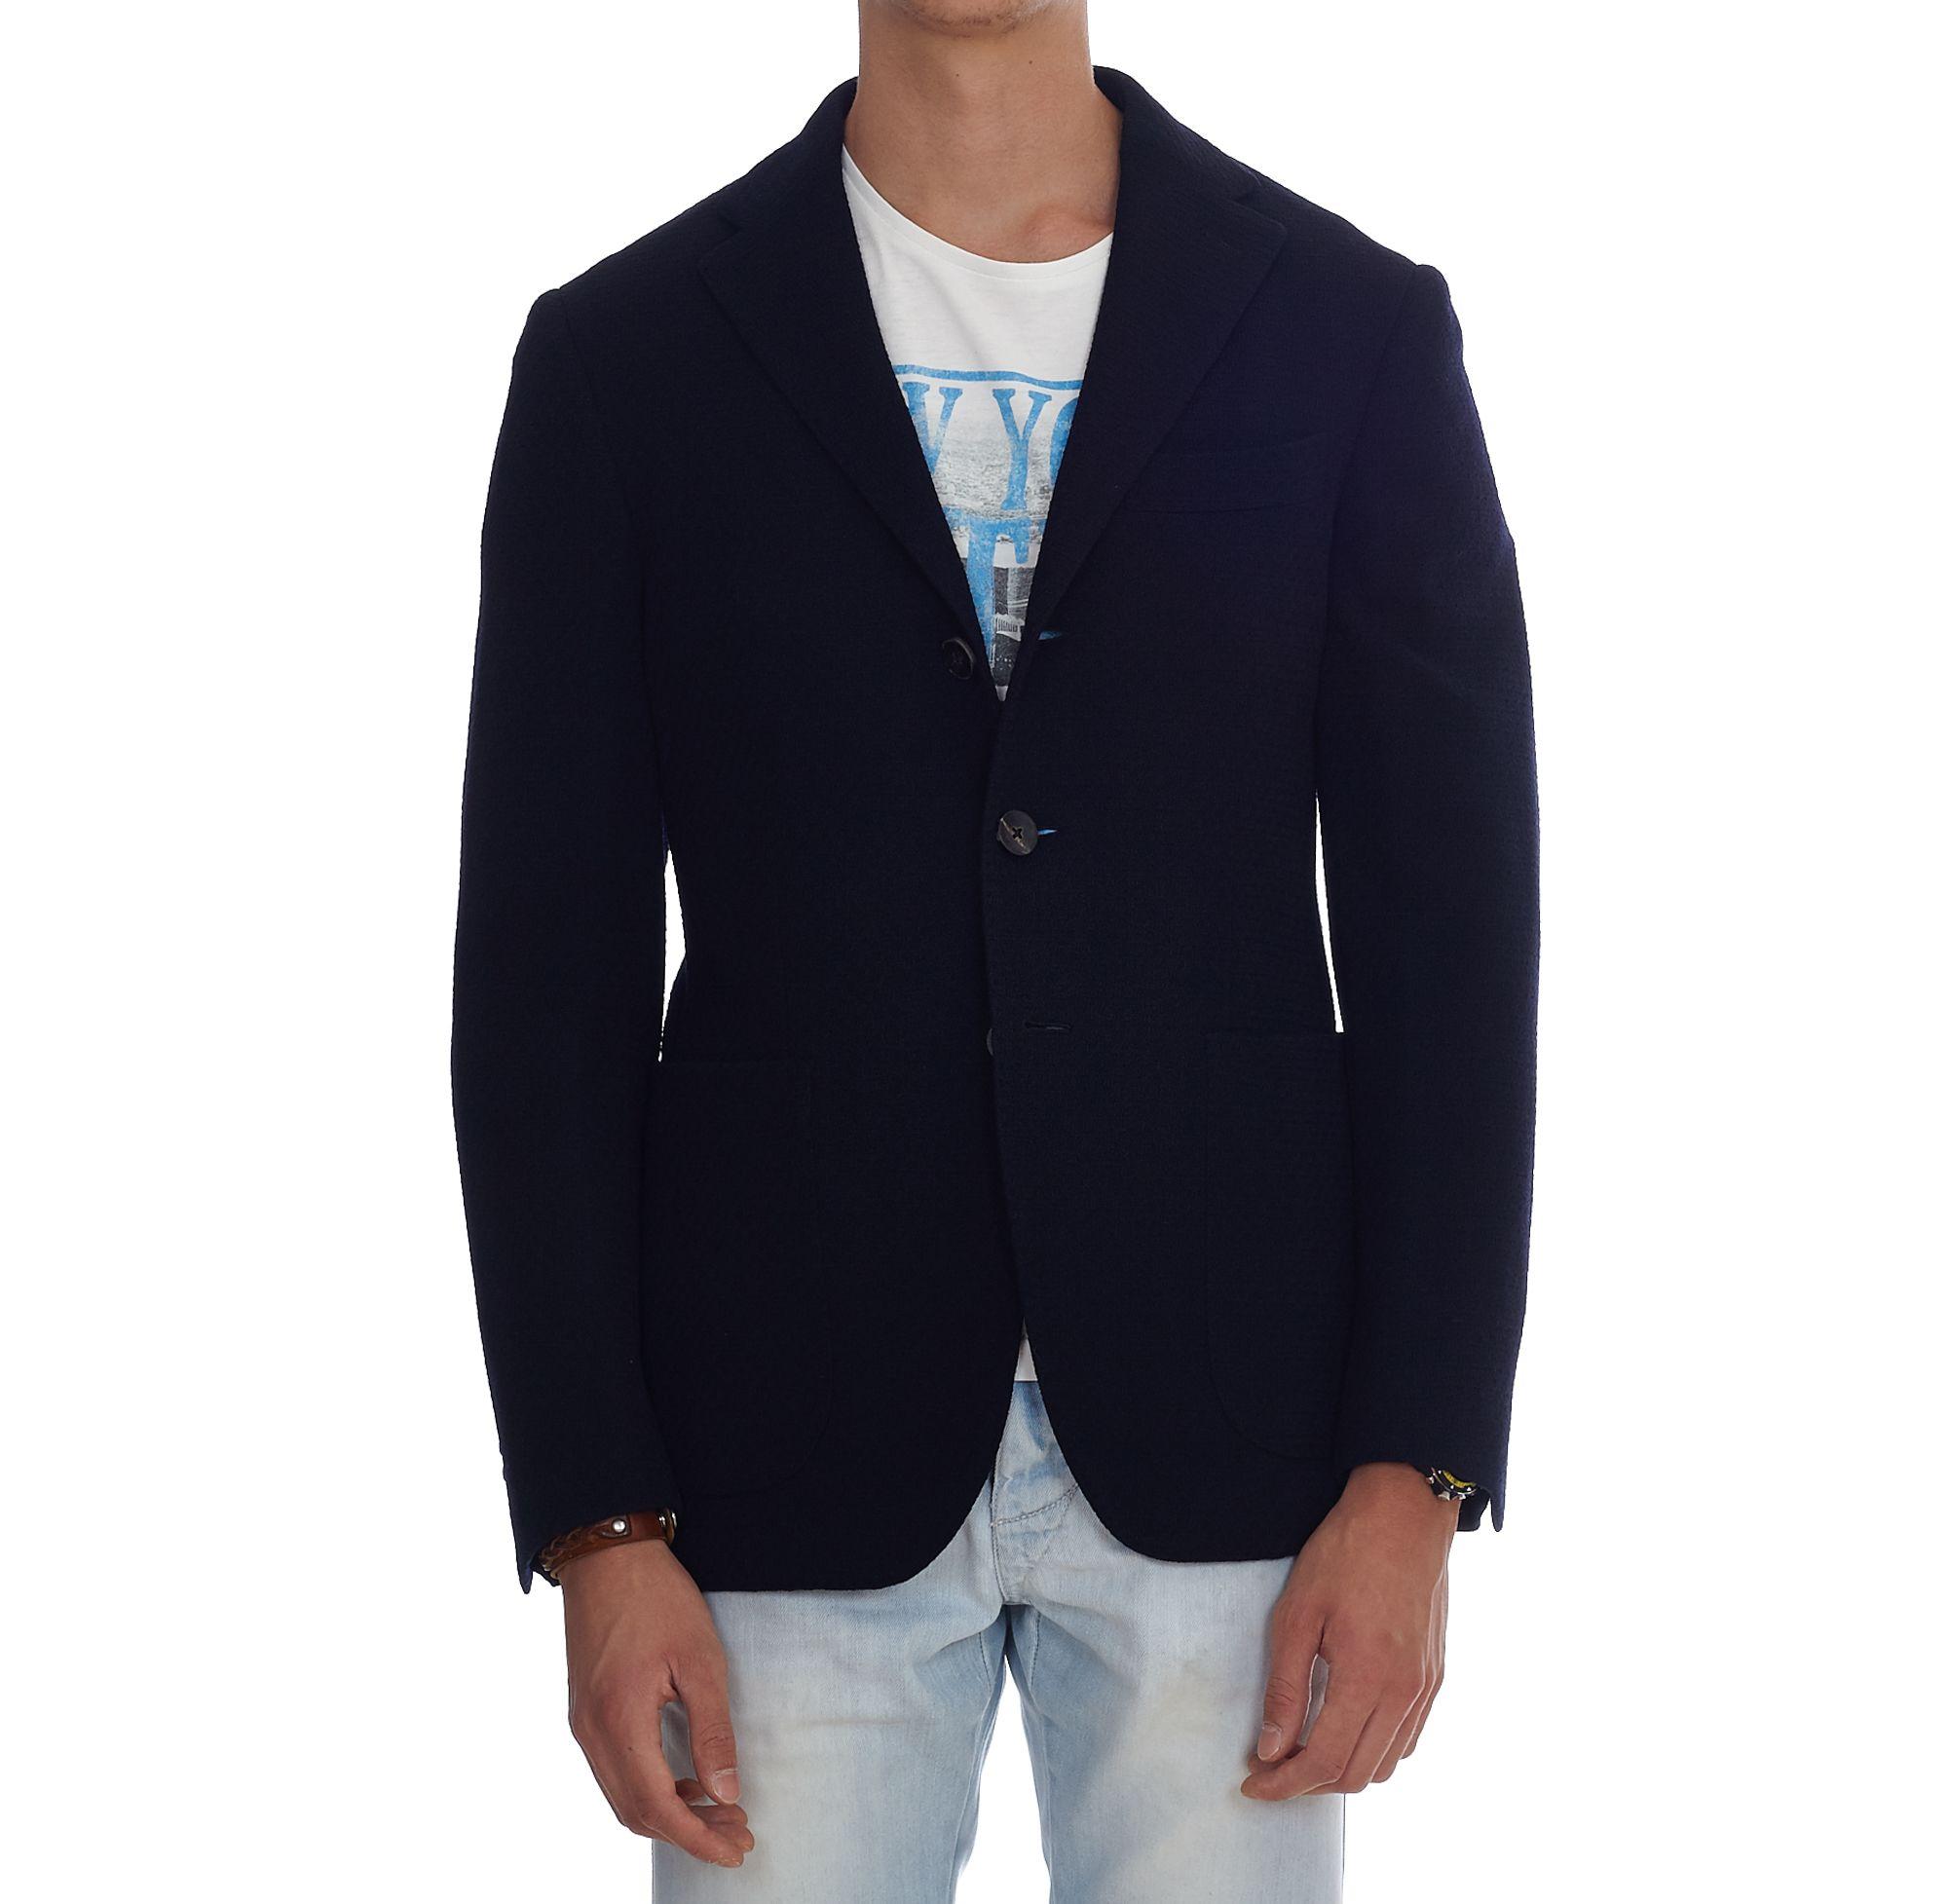 The Gigi Degas Jacket